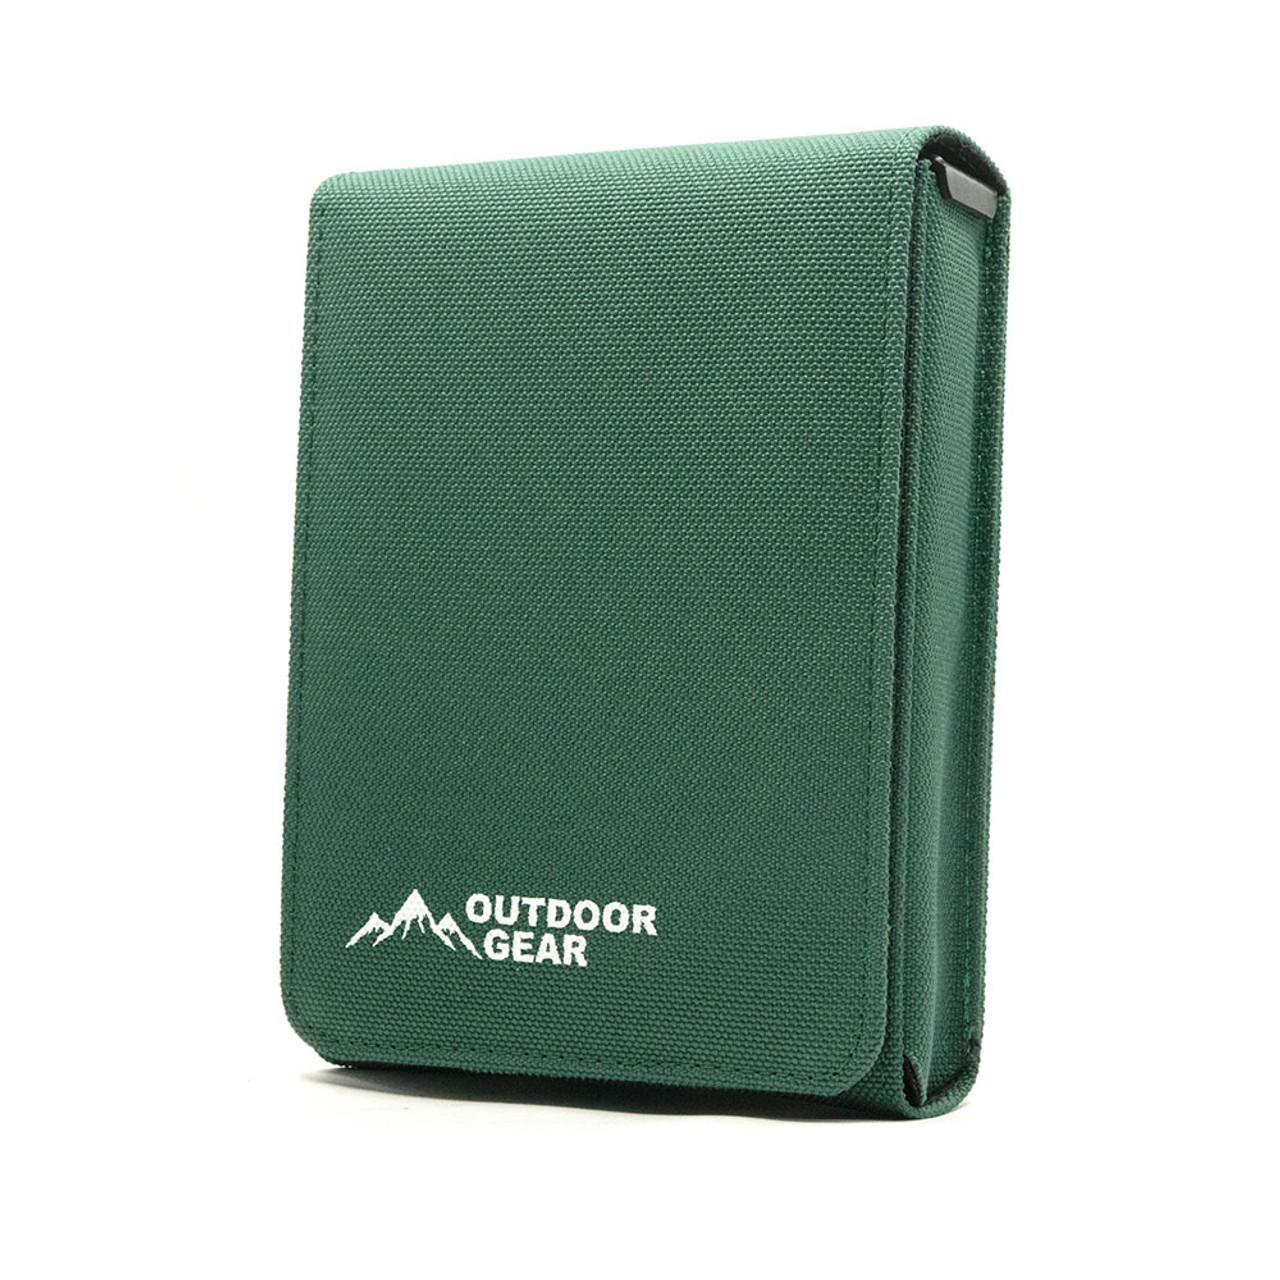 HK VP9 Green Covert Series Holster